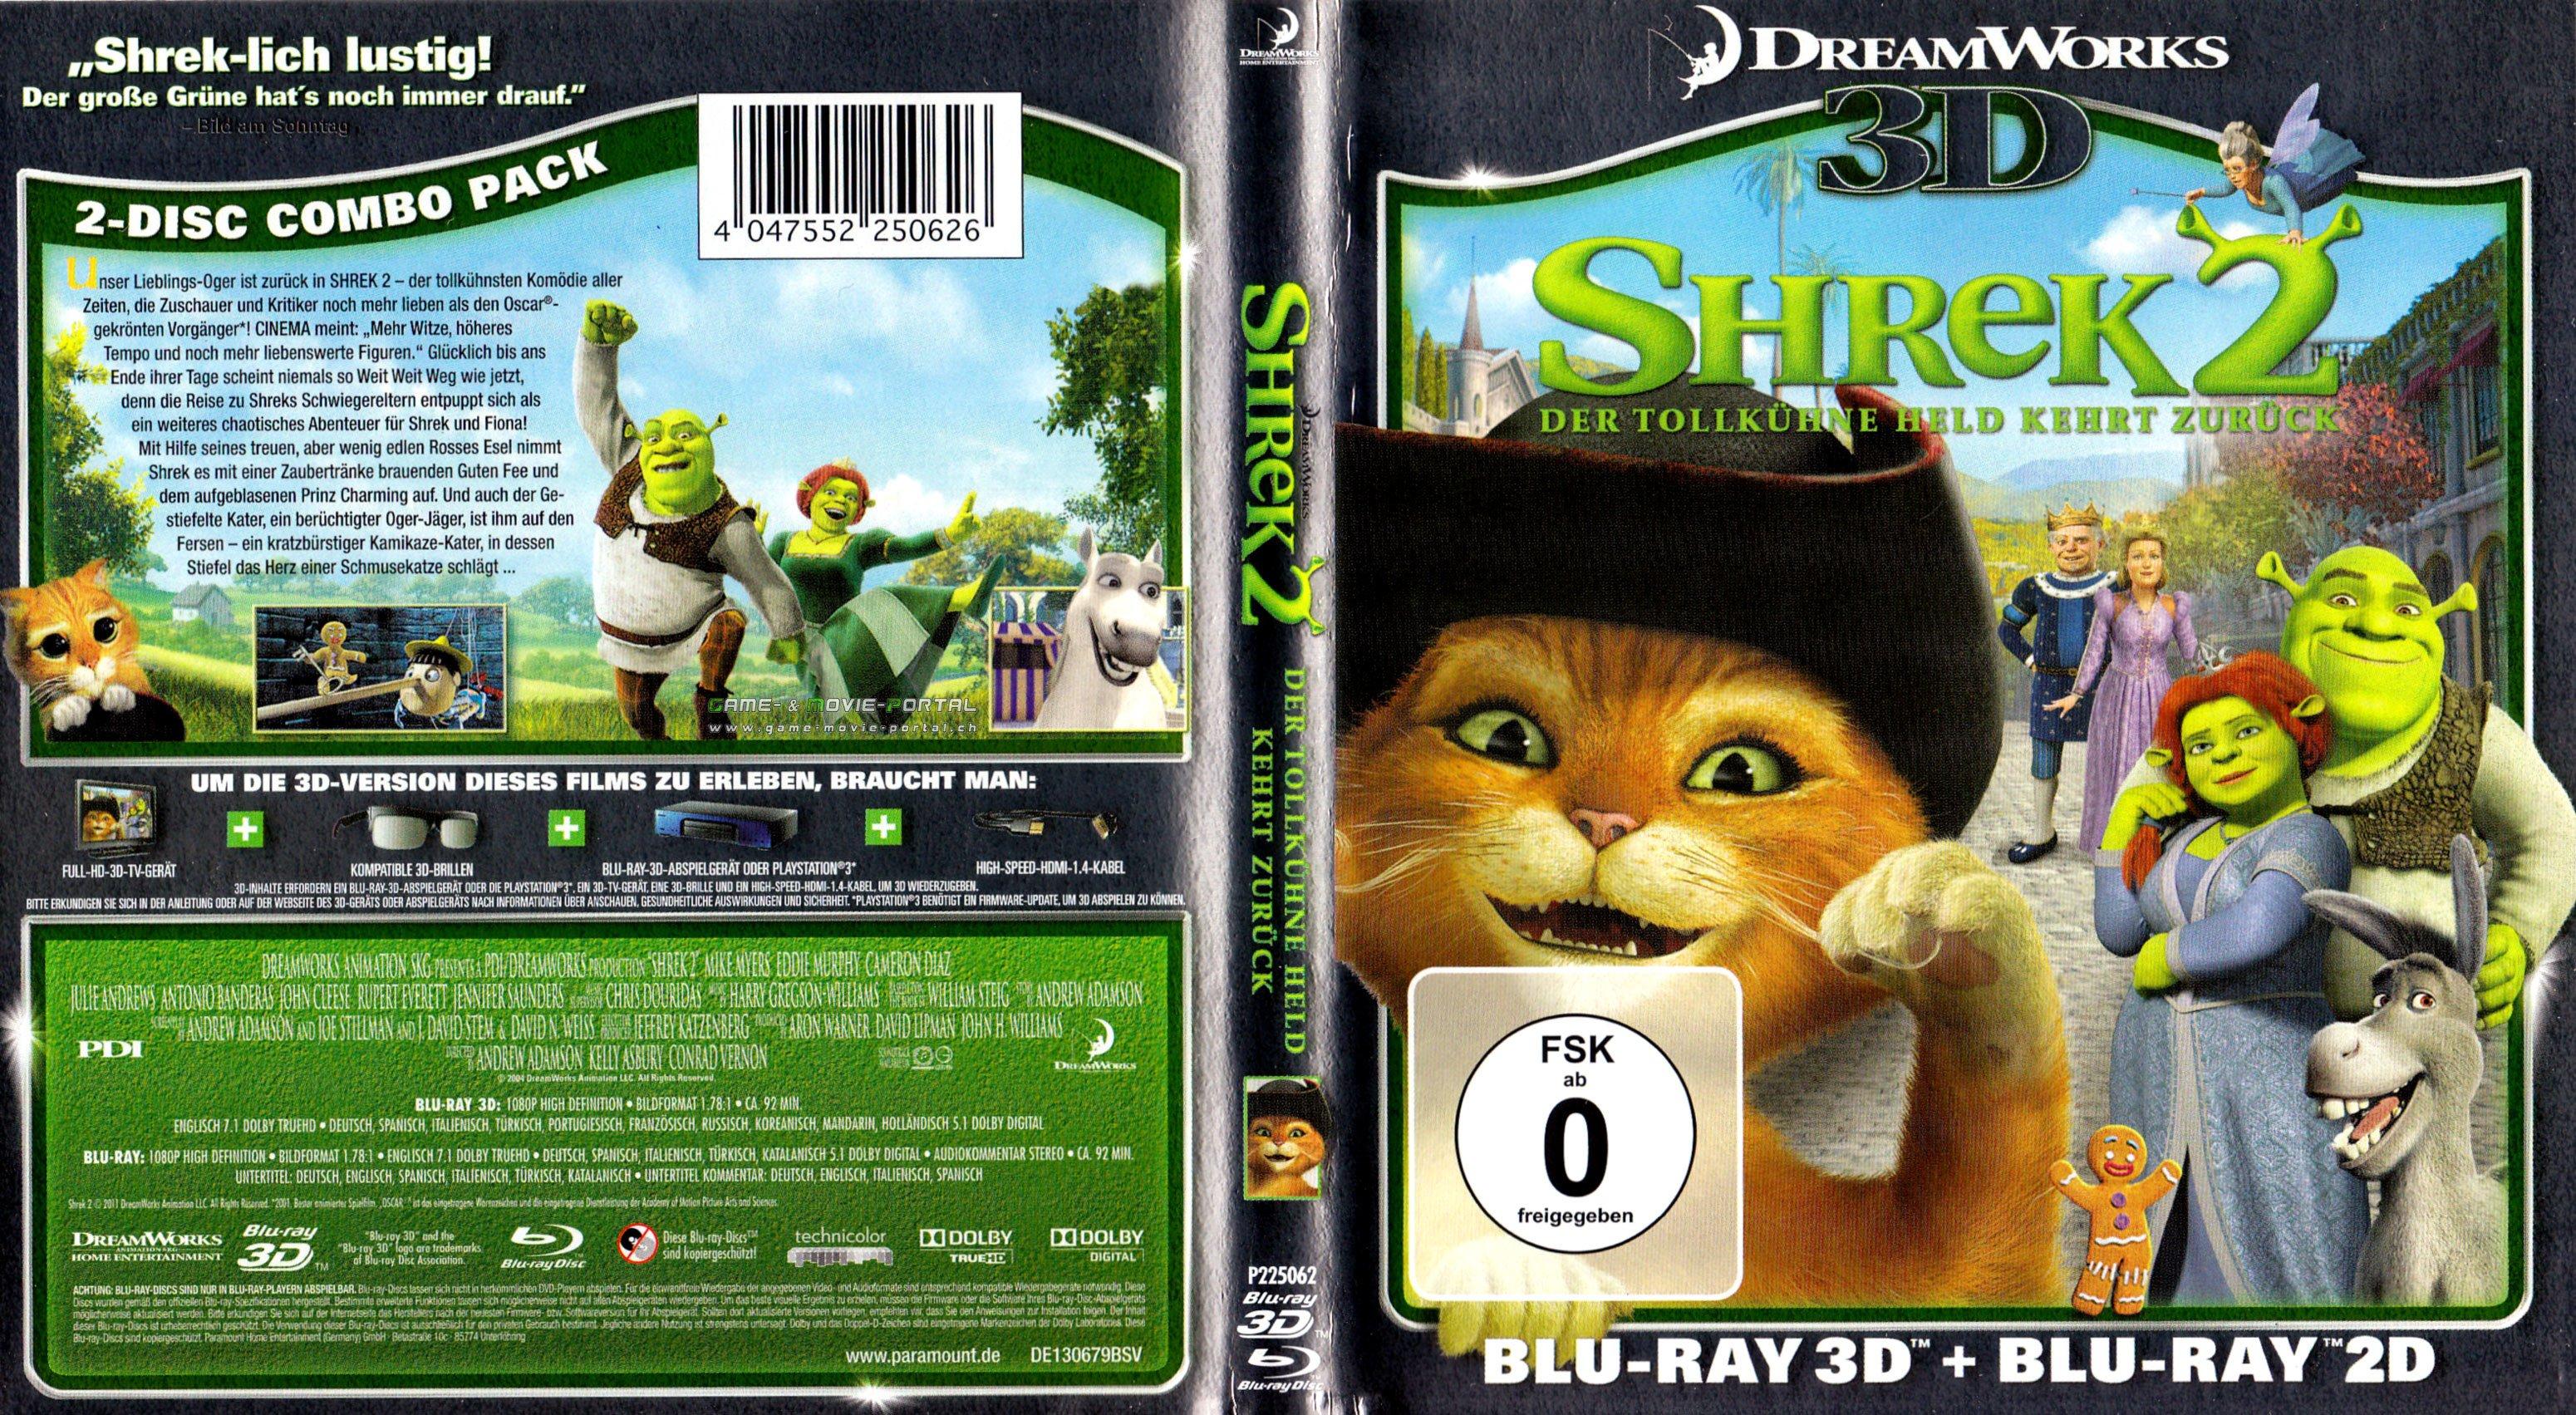 Shrek 2 3d Blu Rayblu Ray Cover German German Dvd Covers